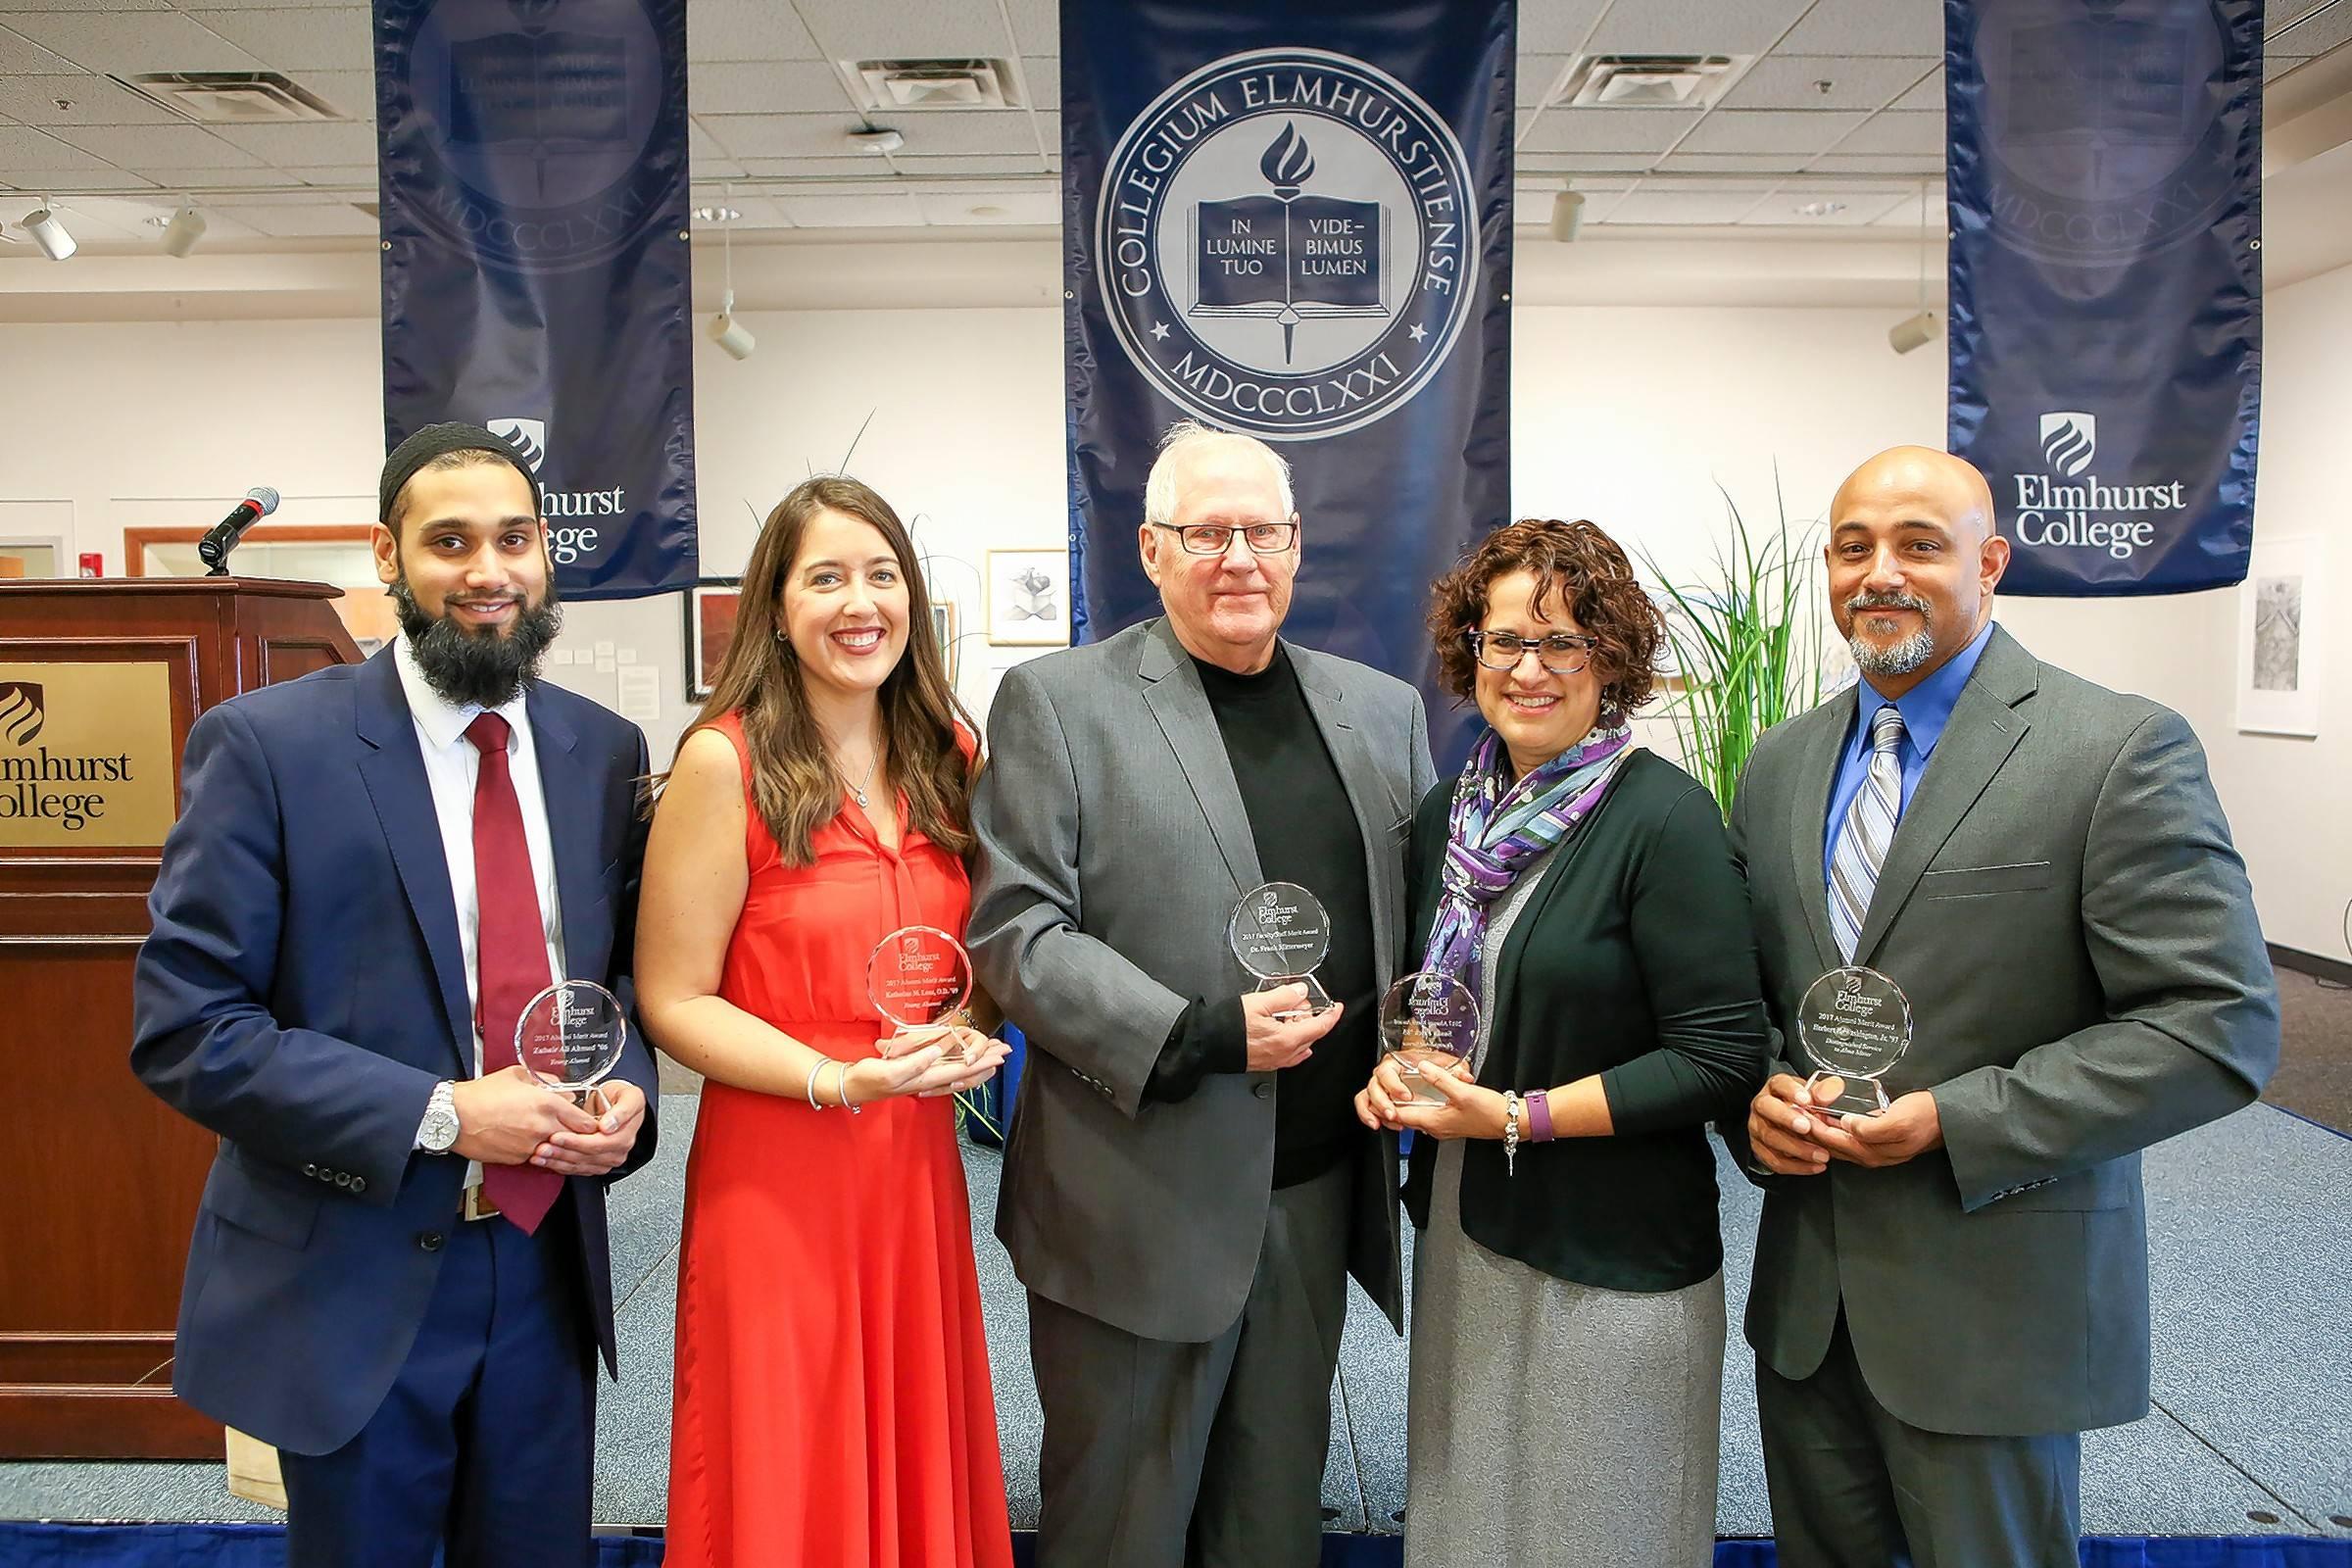 Marvelous Elmhurst College Recently Honored, From Left, Zubair Ahmed, Katherine M.  Lenz,